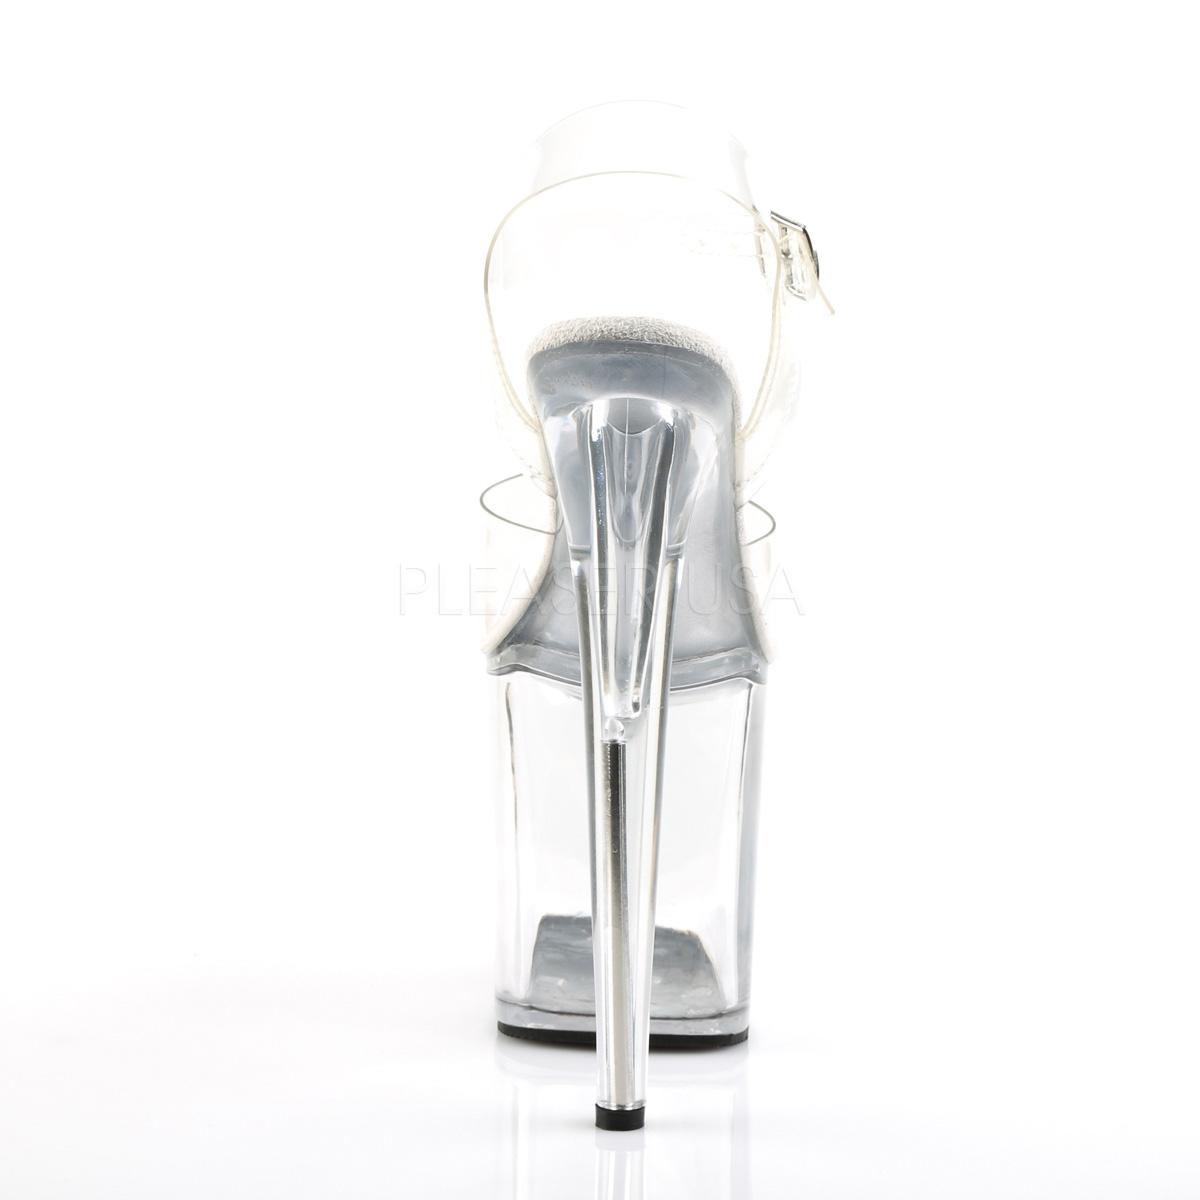 Pleaser(プリーザー) FLAMINGO-808 厚底サンダル アンクルストラップ クリアアッパー クリアヒール ピンヒール ハイヒール レディース コスプレ 衣装 ポールダンス 靴 大きいサイズ キャバ パーティ